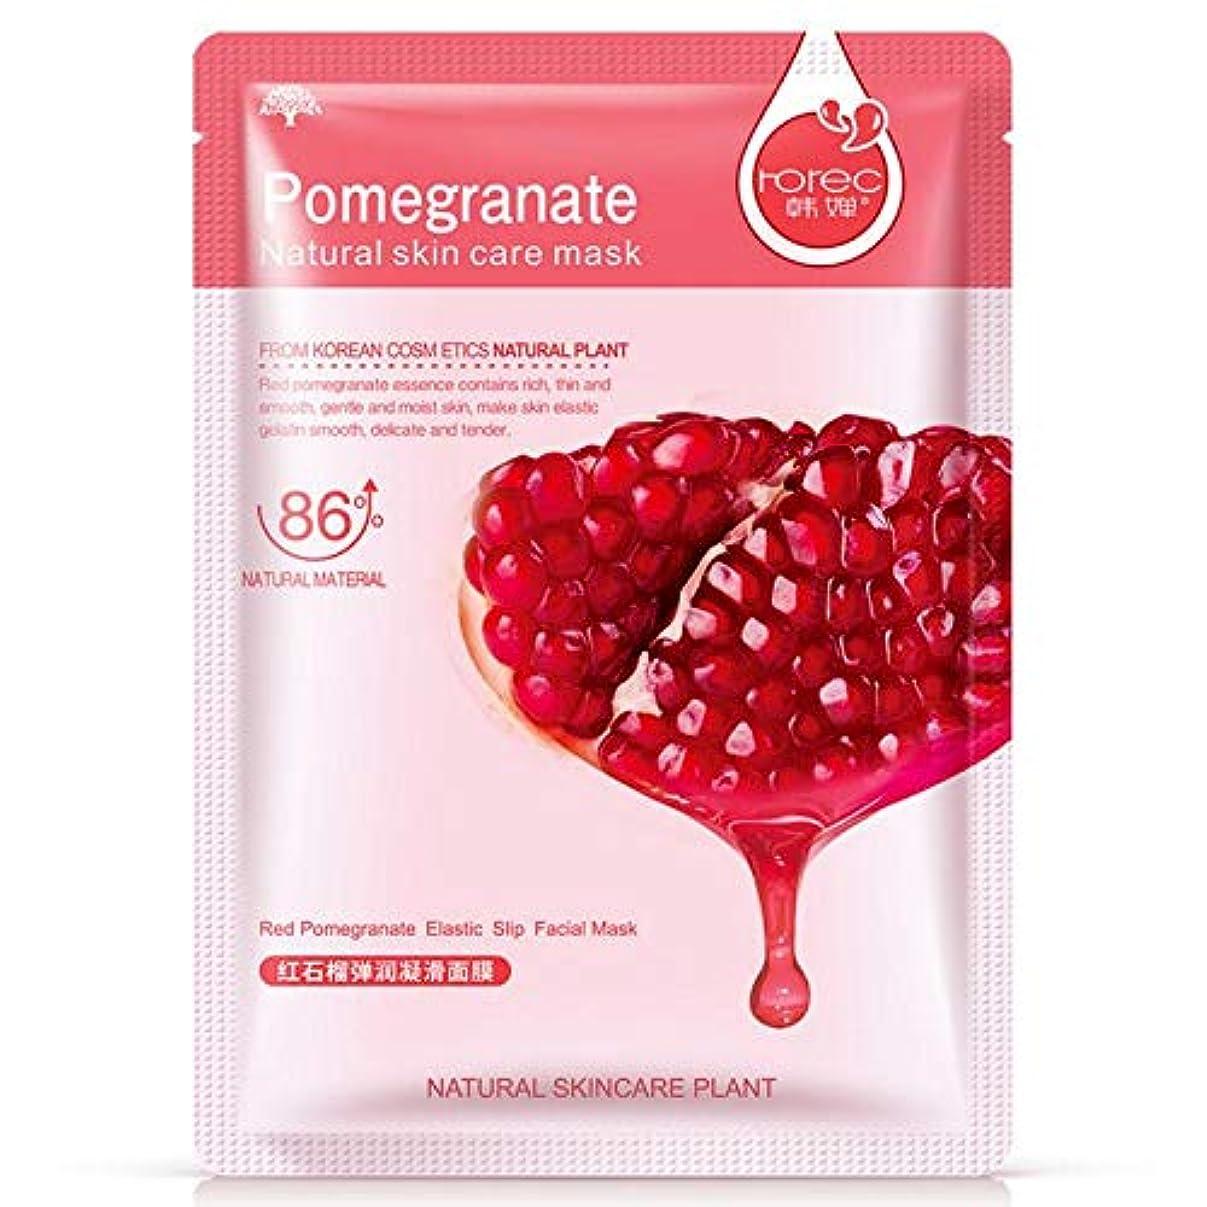 到着騒々しいまどろみのある(Pomegranate) Skin Care Plant Facial Mask Moisturizing Oil Control Blackhead Remover Wrapped Mask Face Mask Face...